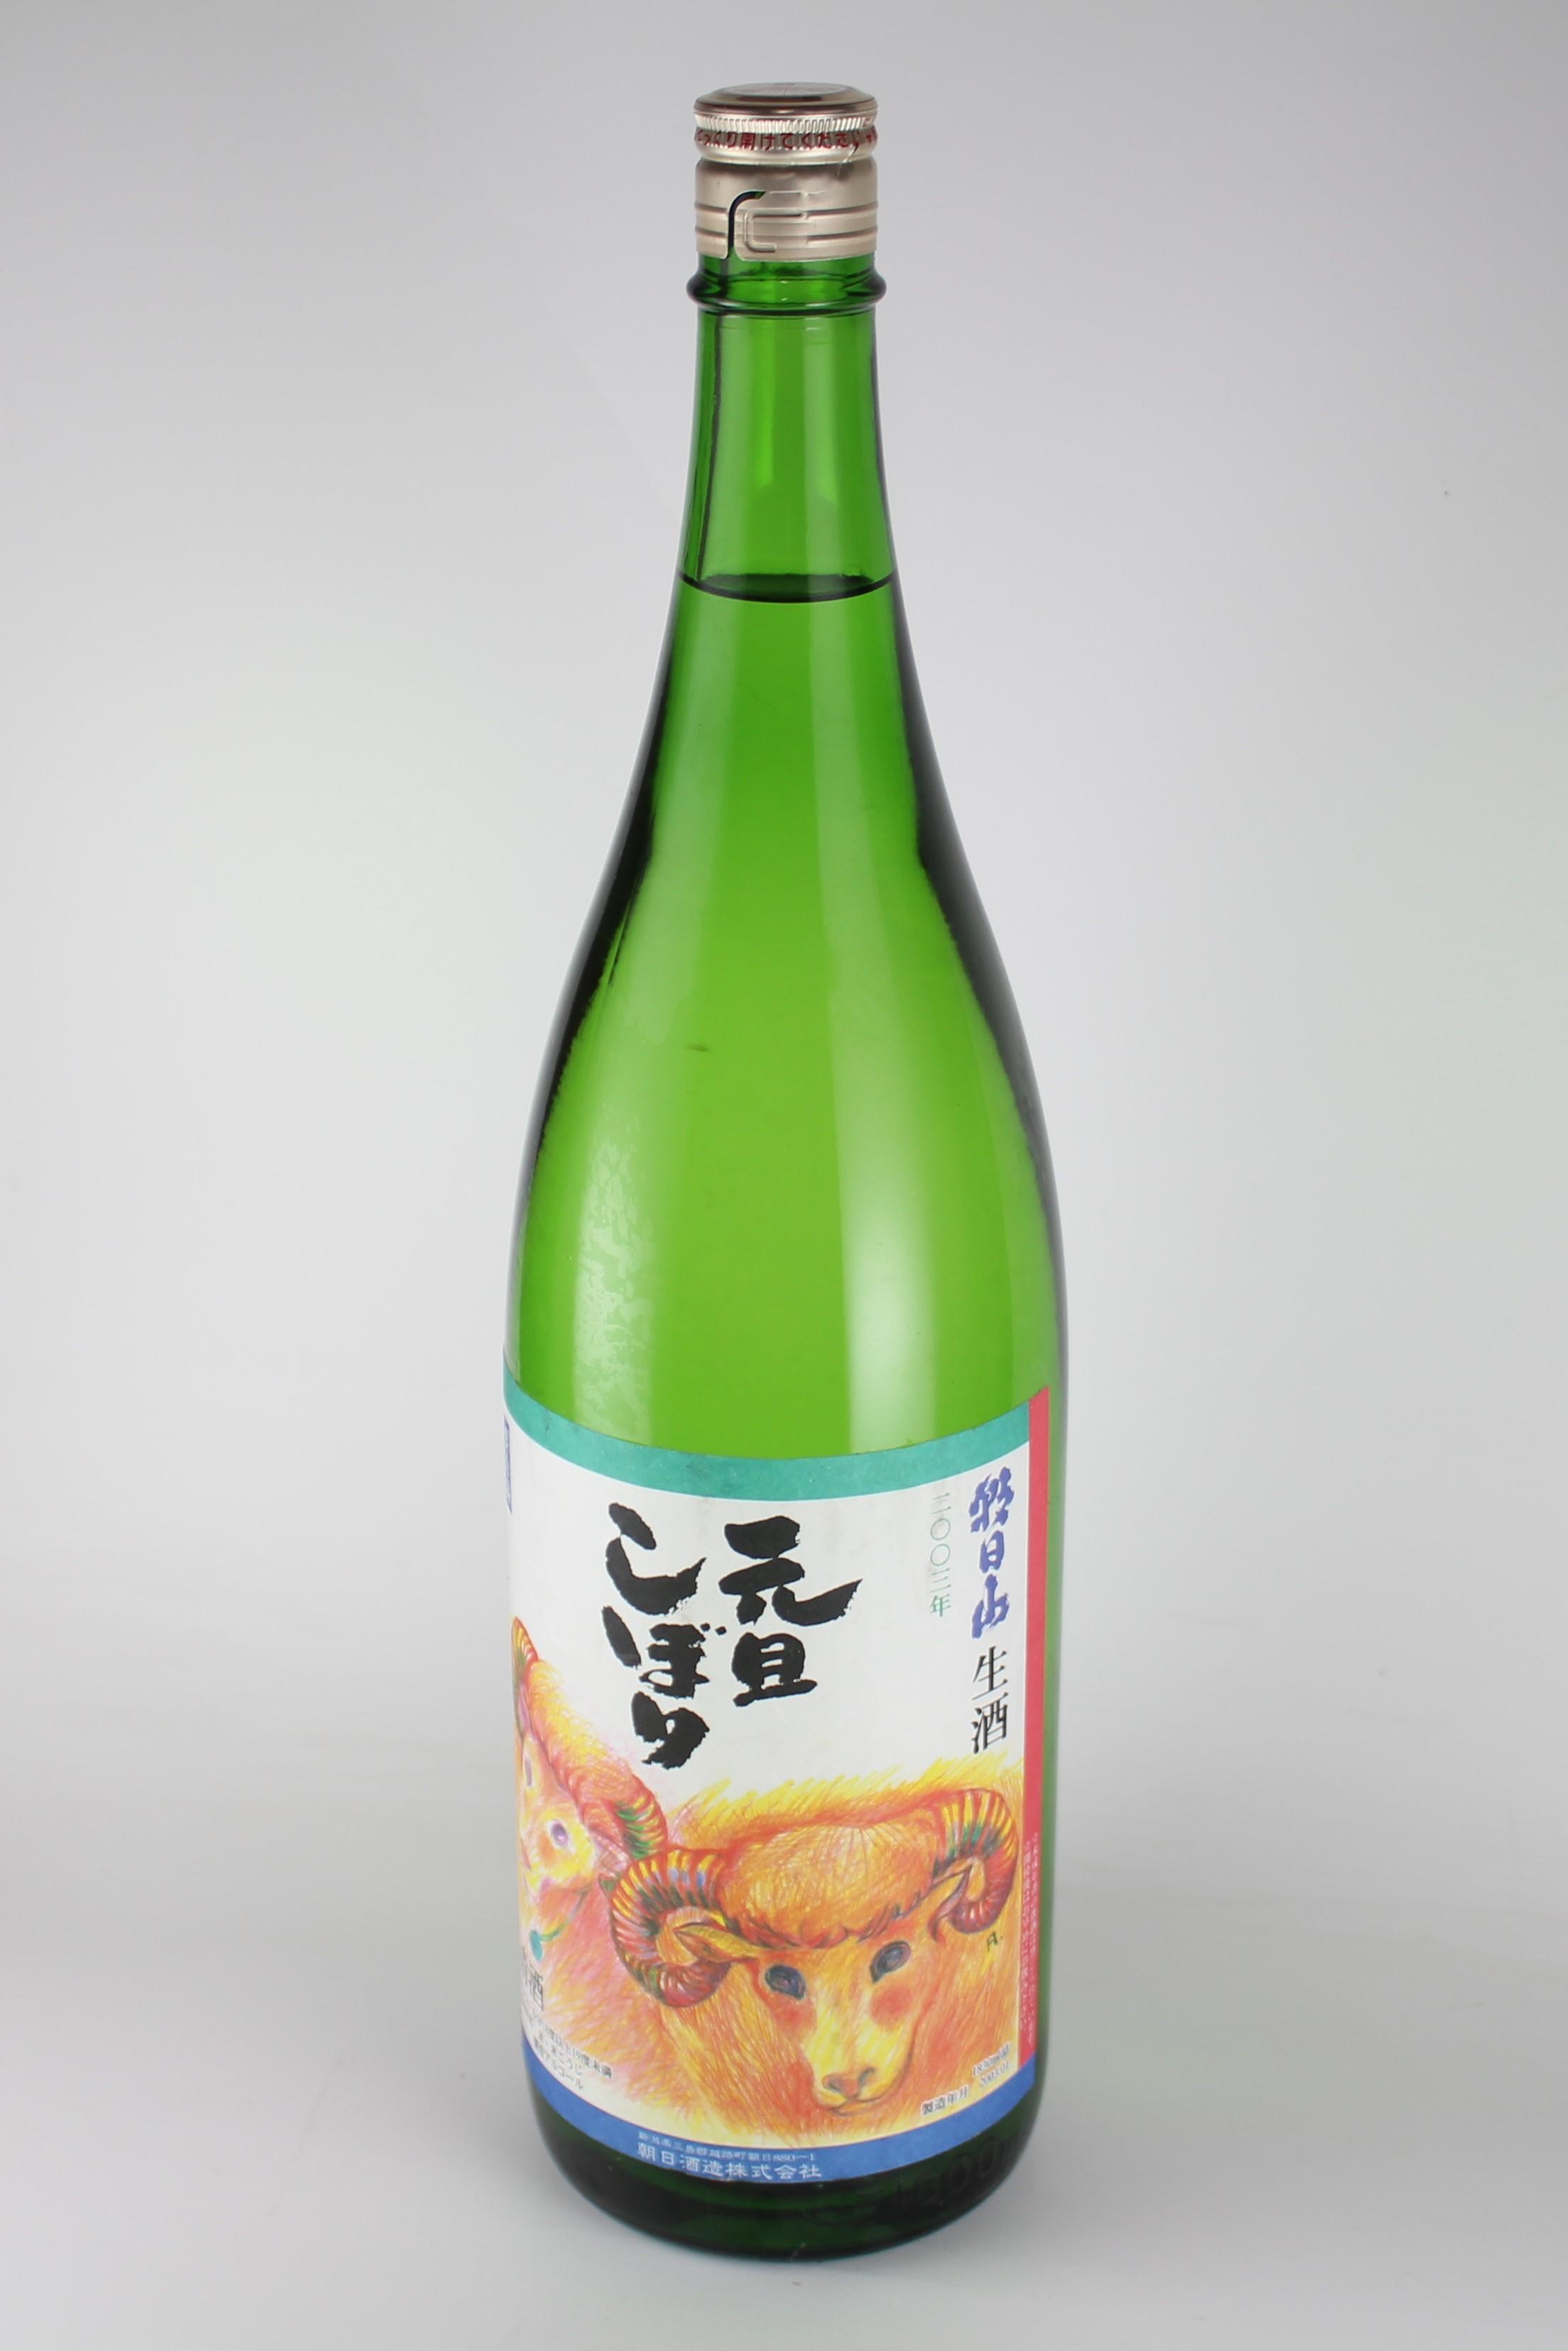 朝日山 元旦しぼり 羊 2003年 1800ml 【新潟/朝日酒造】